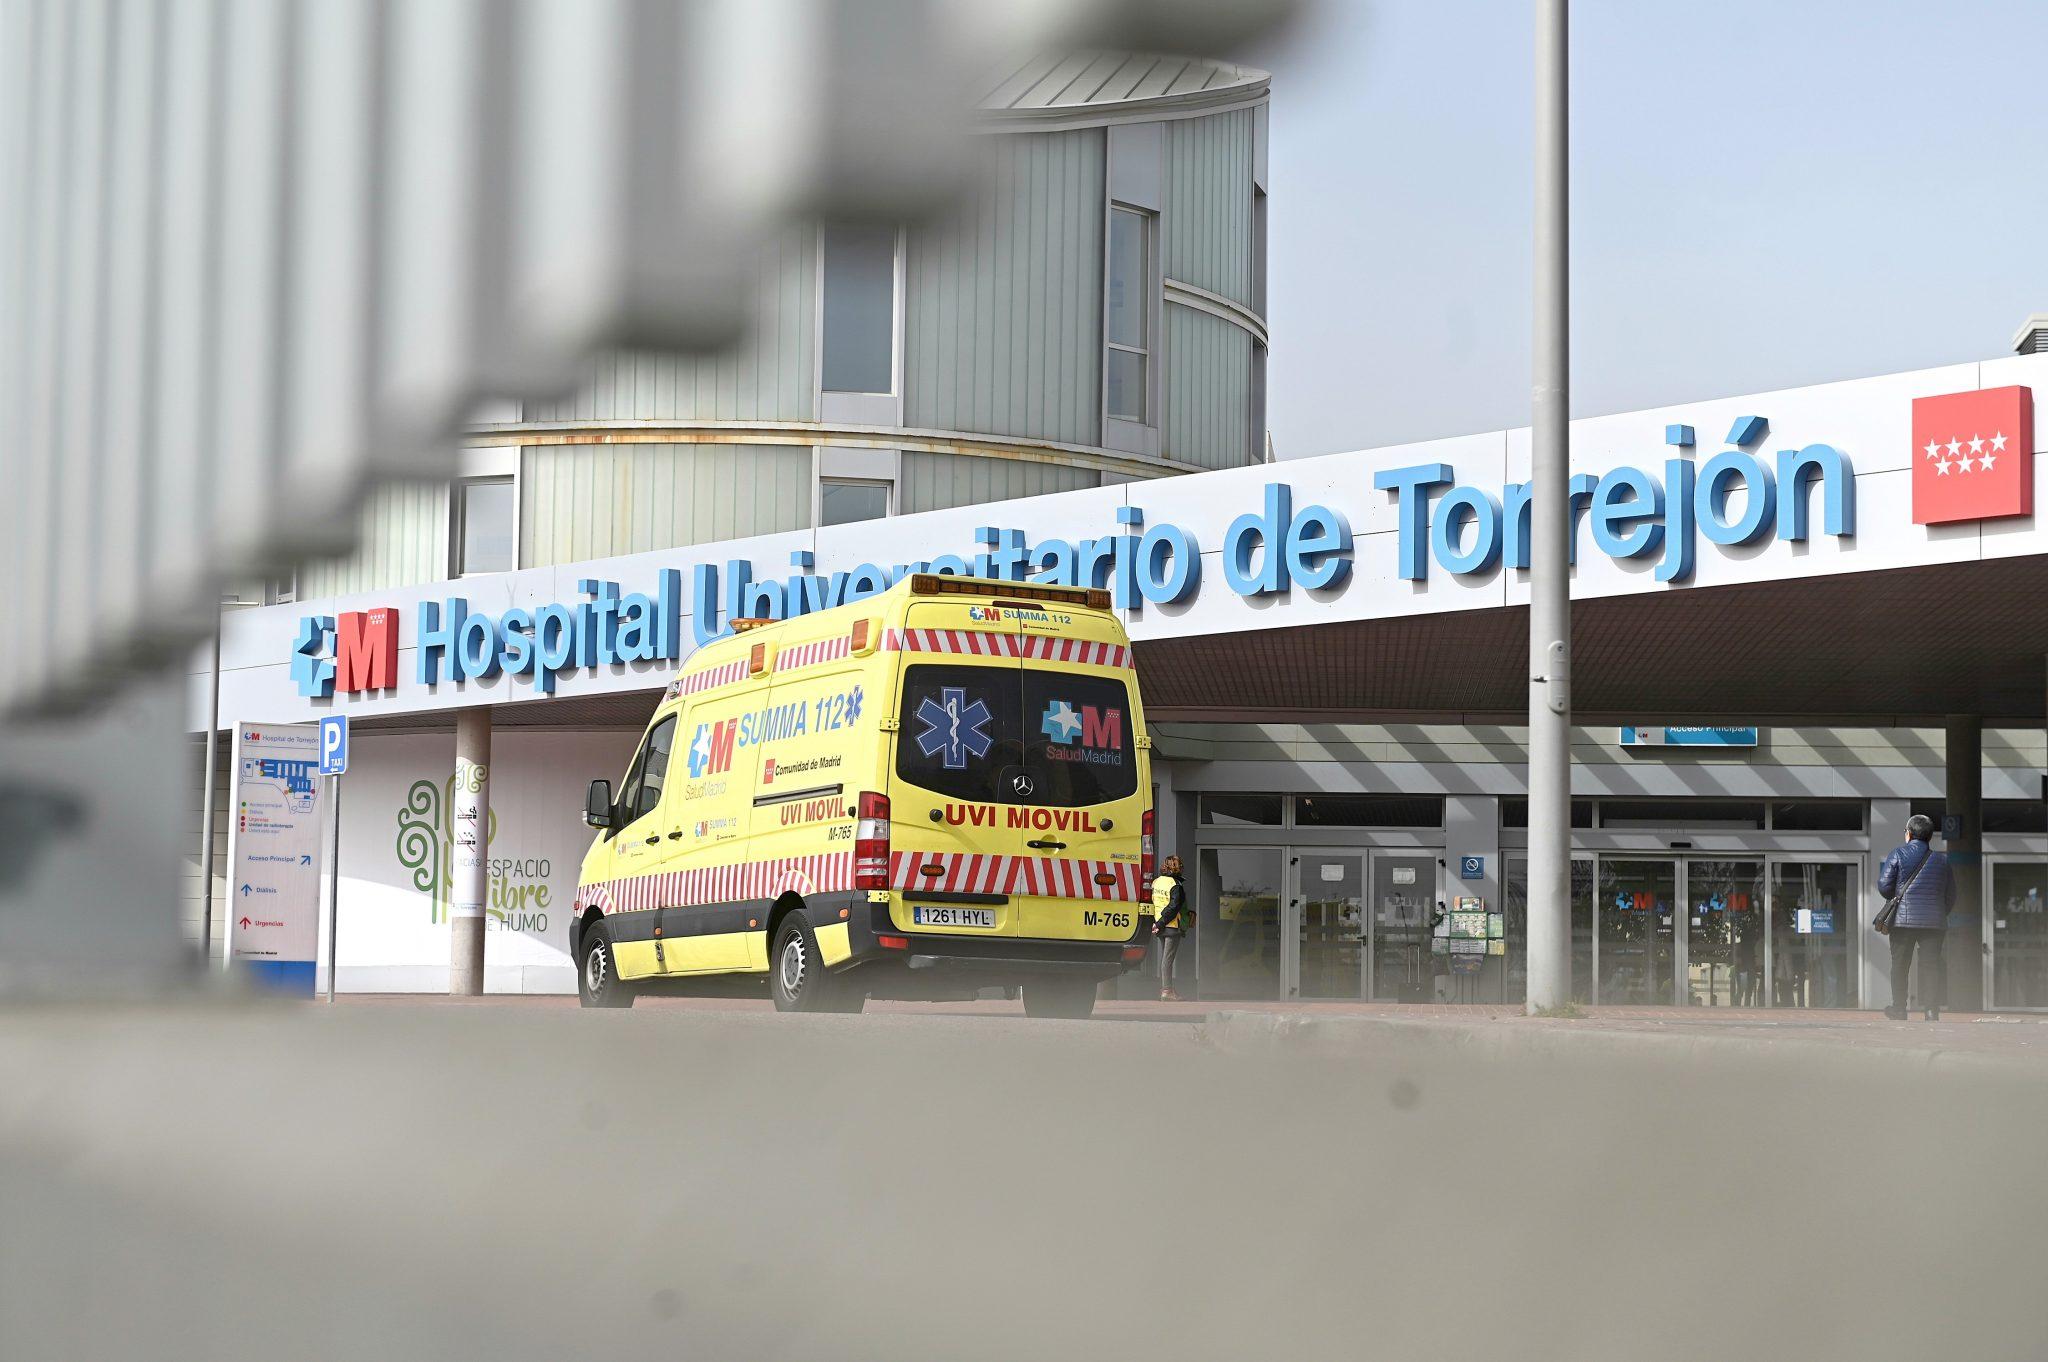 Torrejon de Ardoz Madrid Coronavirus